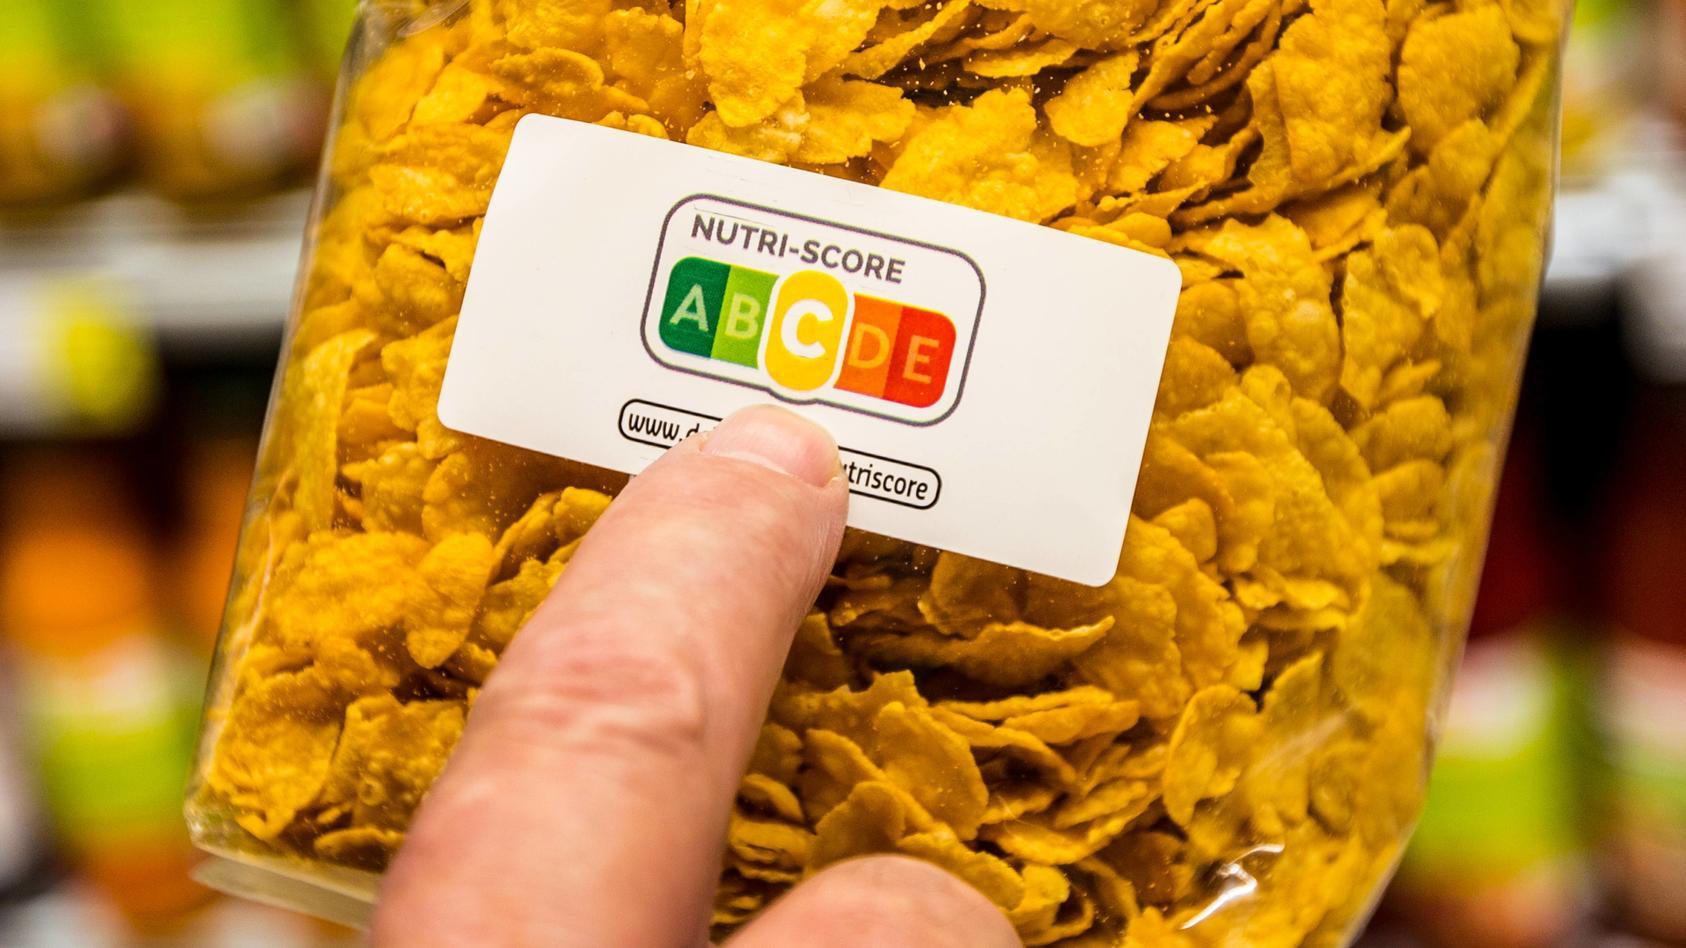 In Deutschland soll der Nutri-Score spätestens im November 2020 starten.